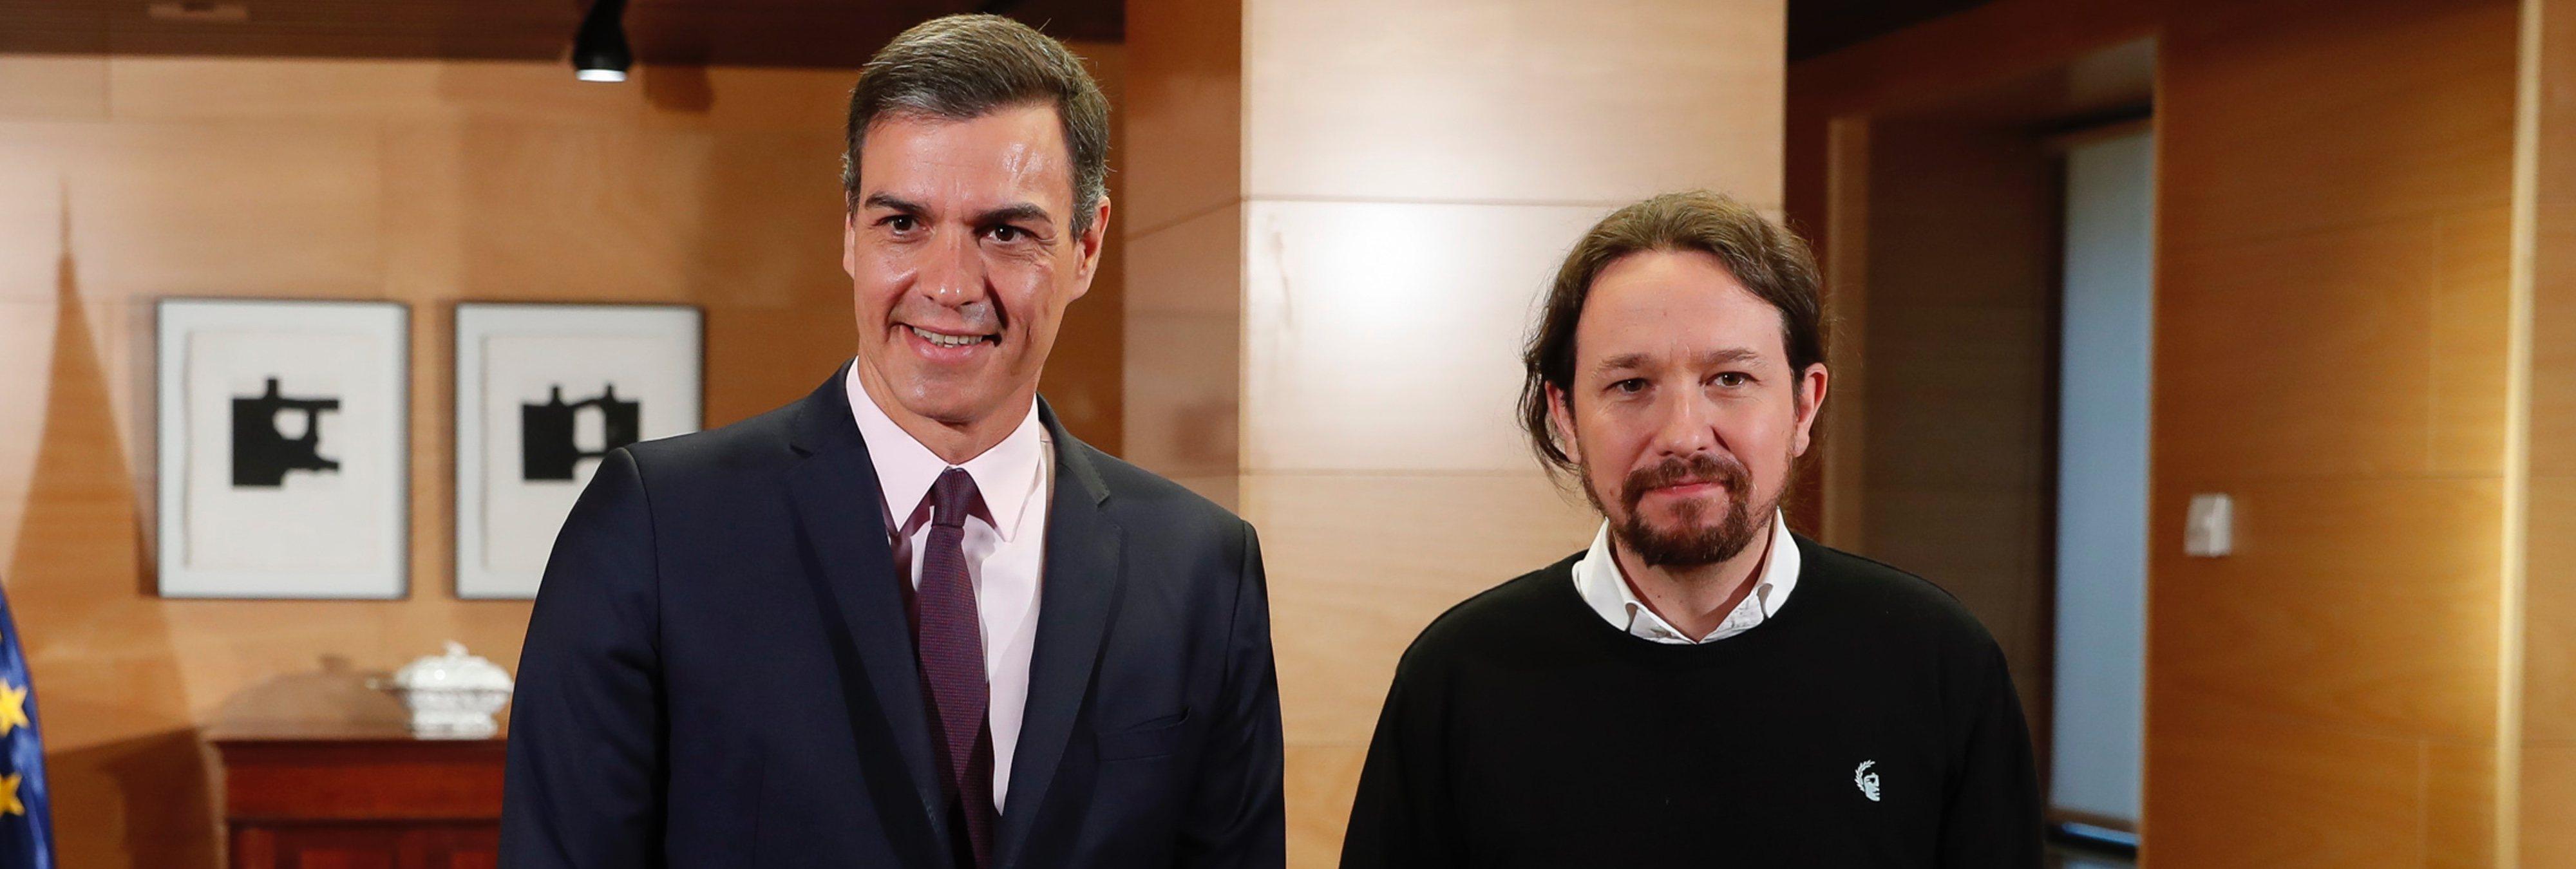 Los motivos por los que Pedro Sánchez no quiere a Podemos en su Gobierno